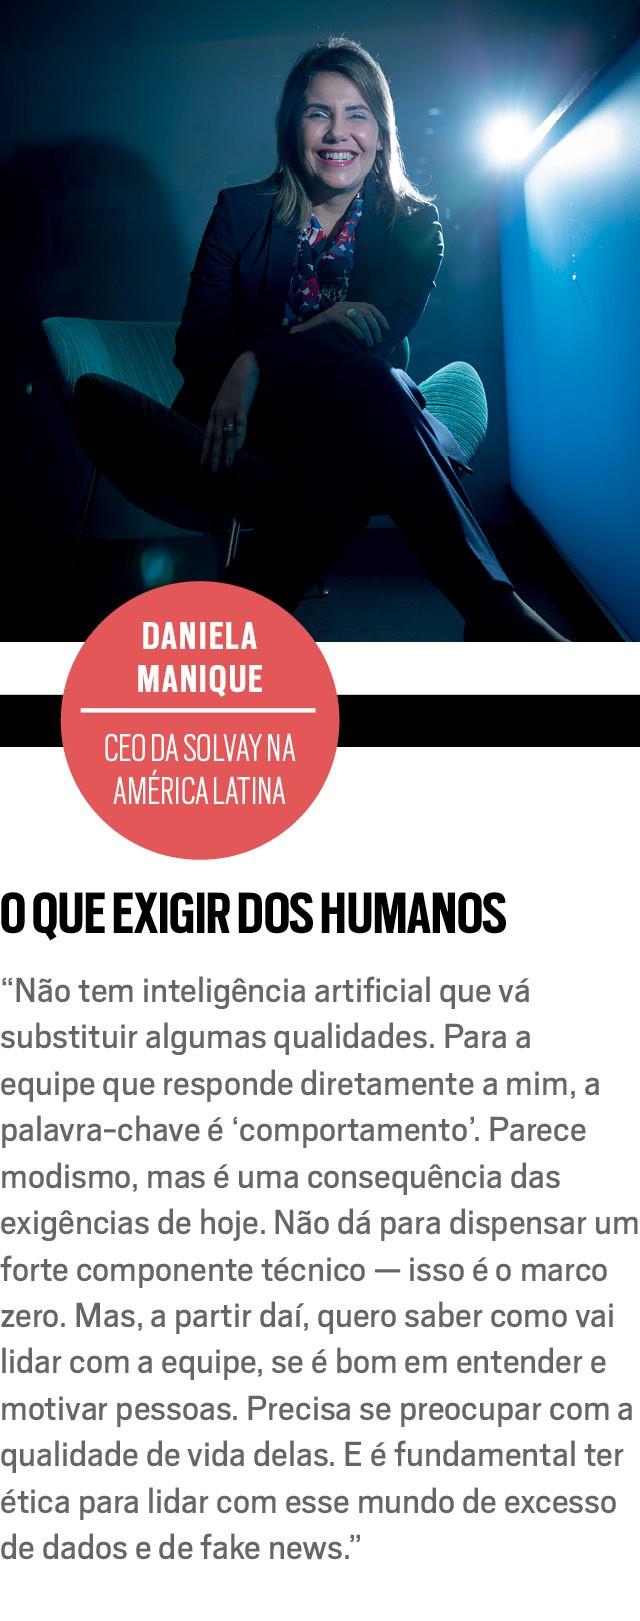 DANIELA MANIQUE, CEO da Solvay na América Latina (Foto: Anna Carolina Negri)